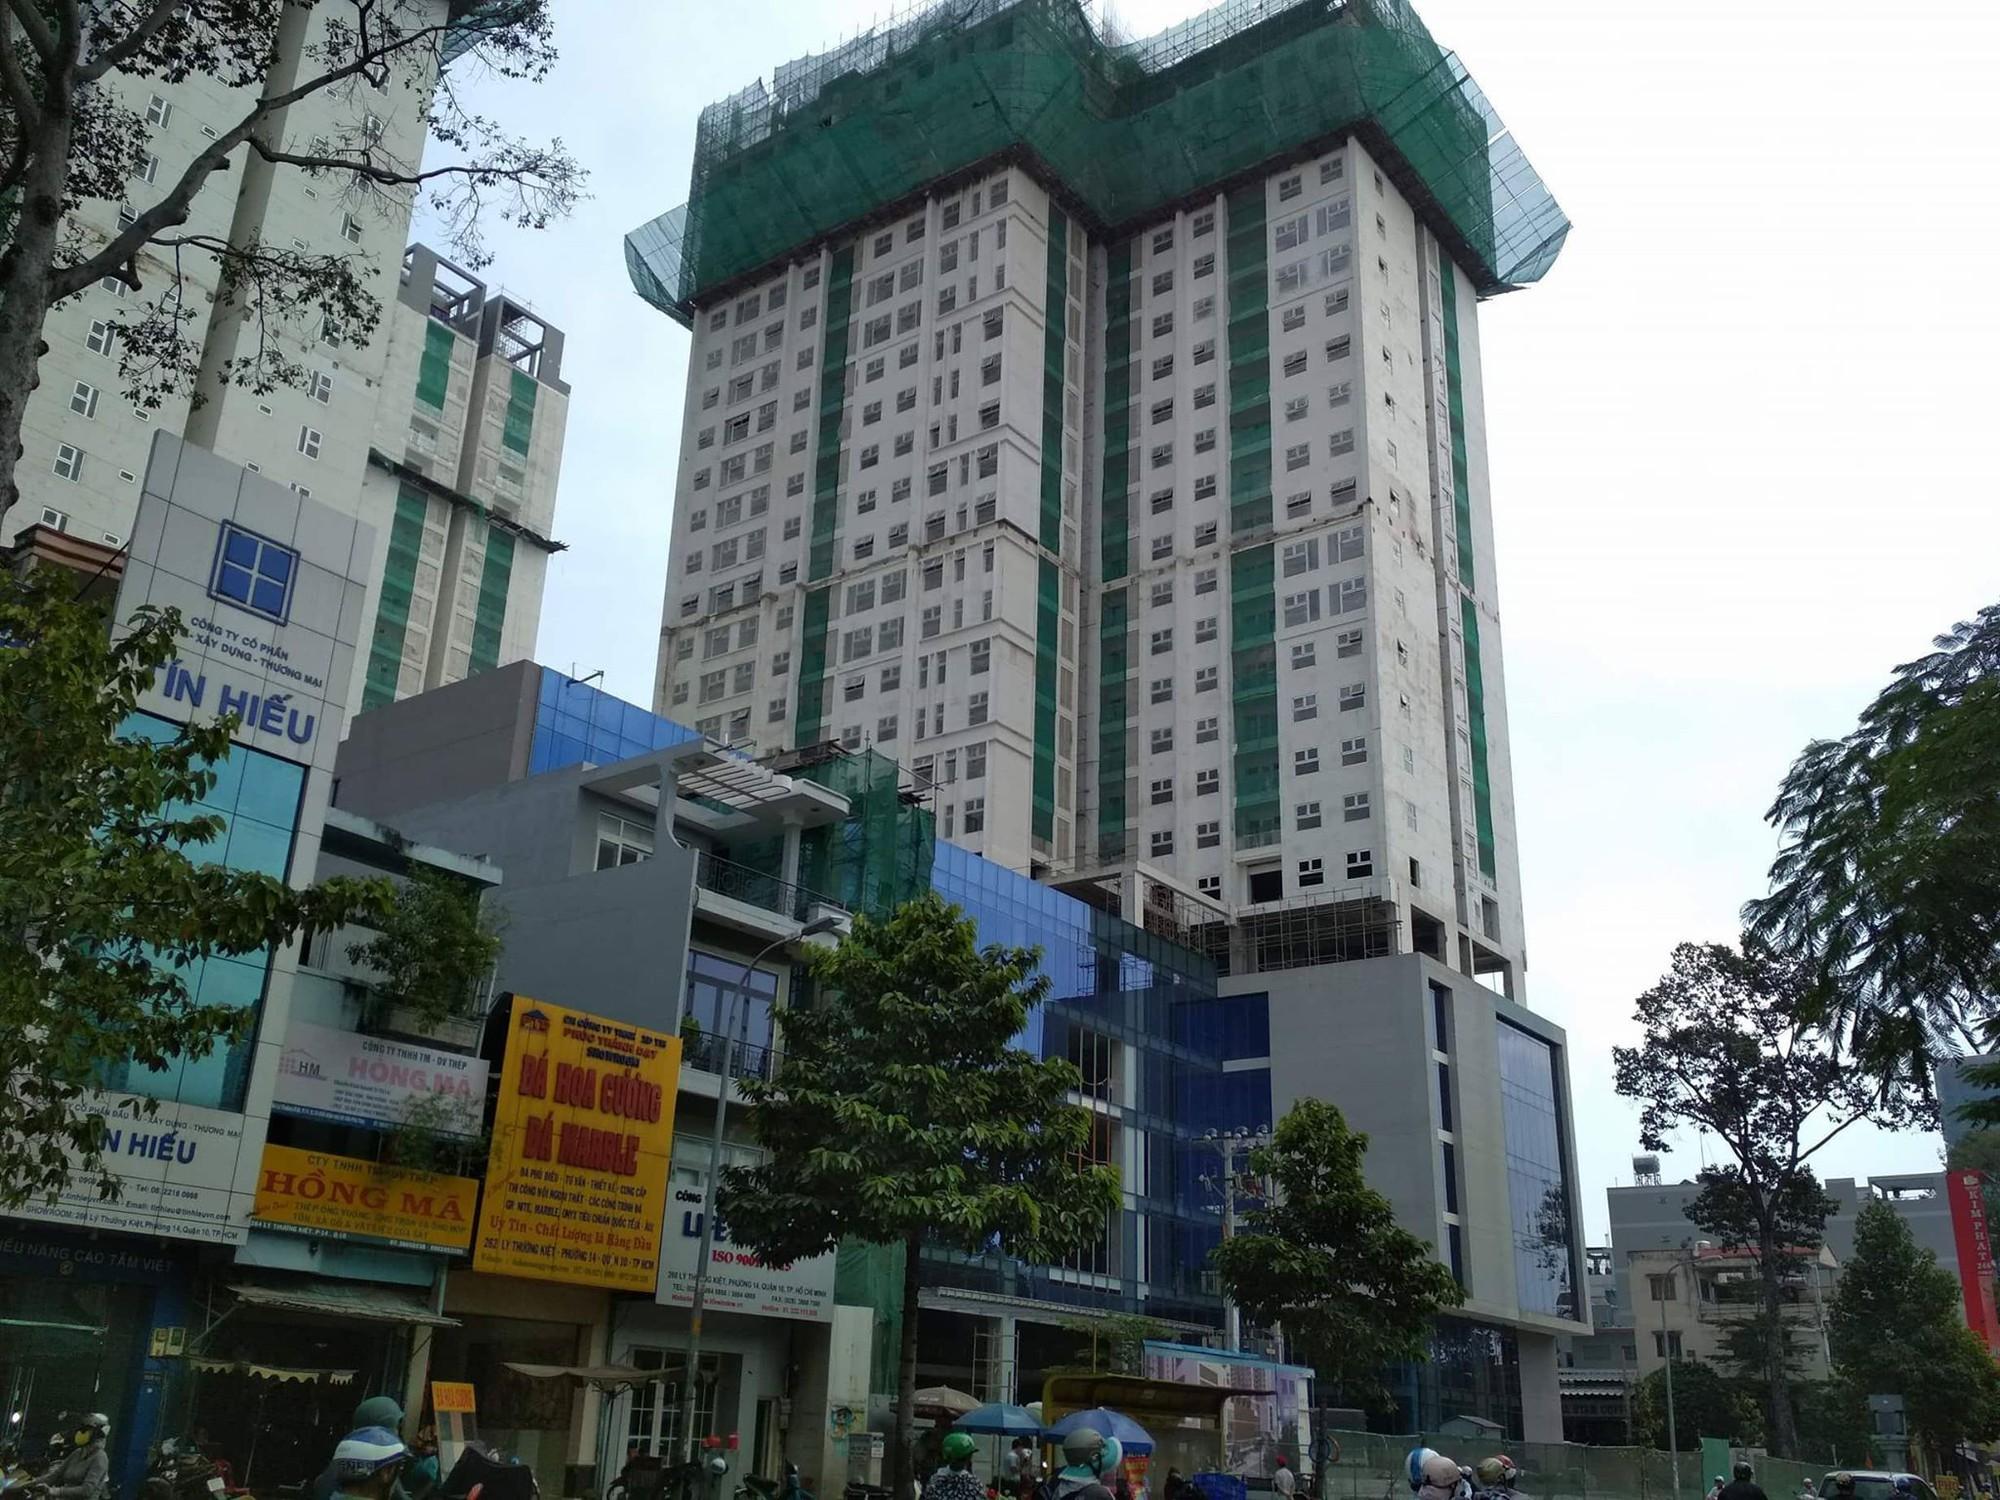 Thanh sắt được cho là rơi từ công trình xây dựng cao tầng của dự án tổ hợp cao ốc Xi Grand Court.